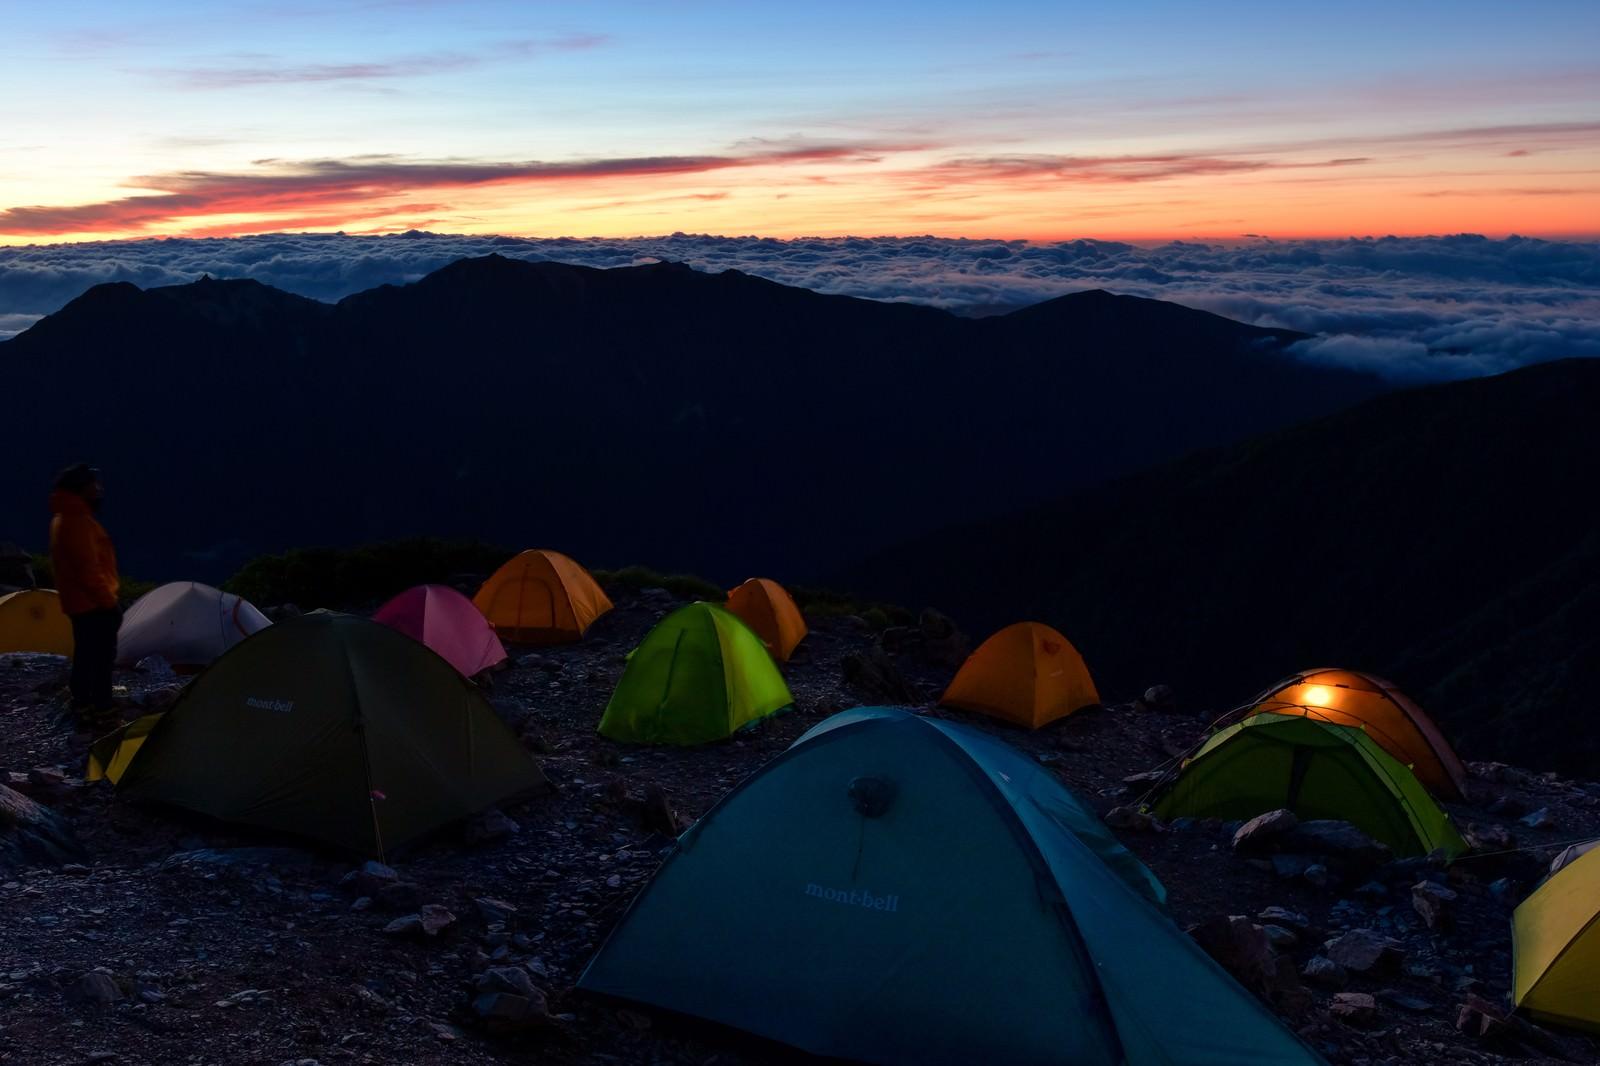 「ご来光を待つテントたちと雲海」の写真